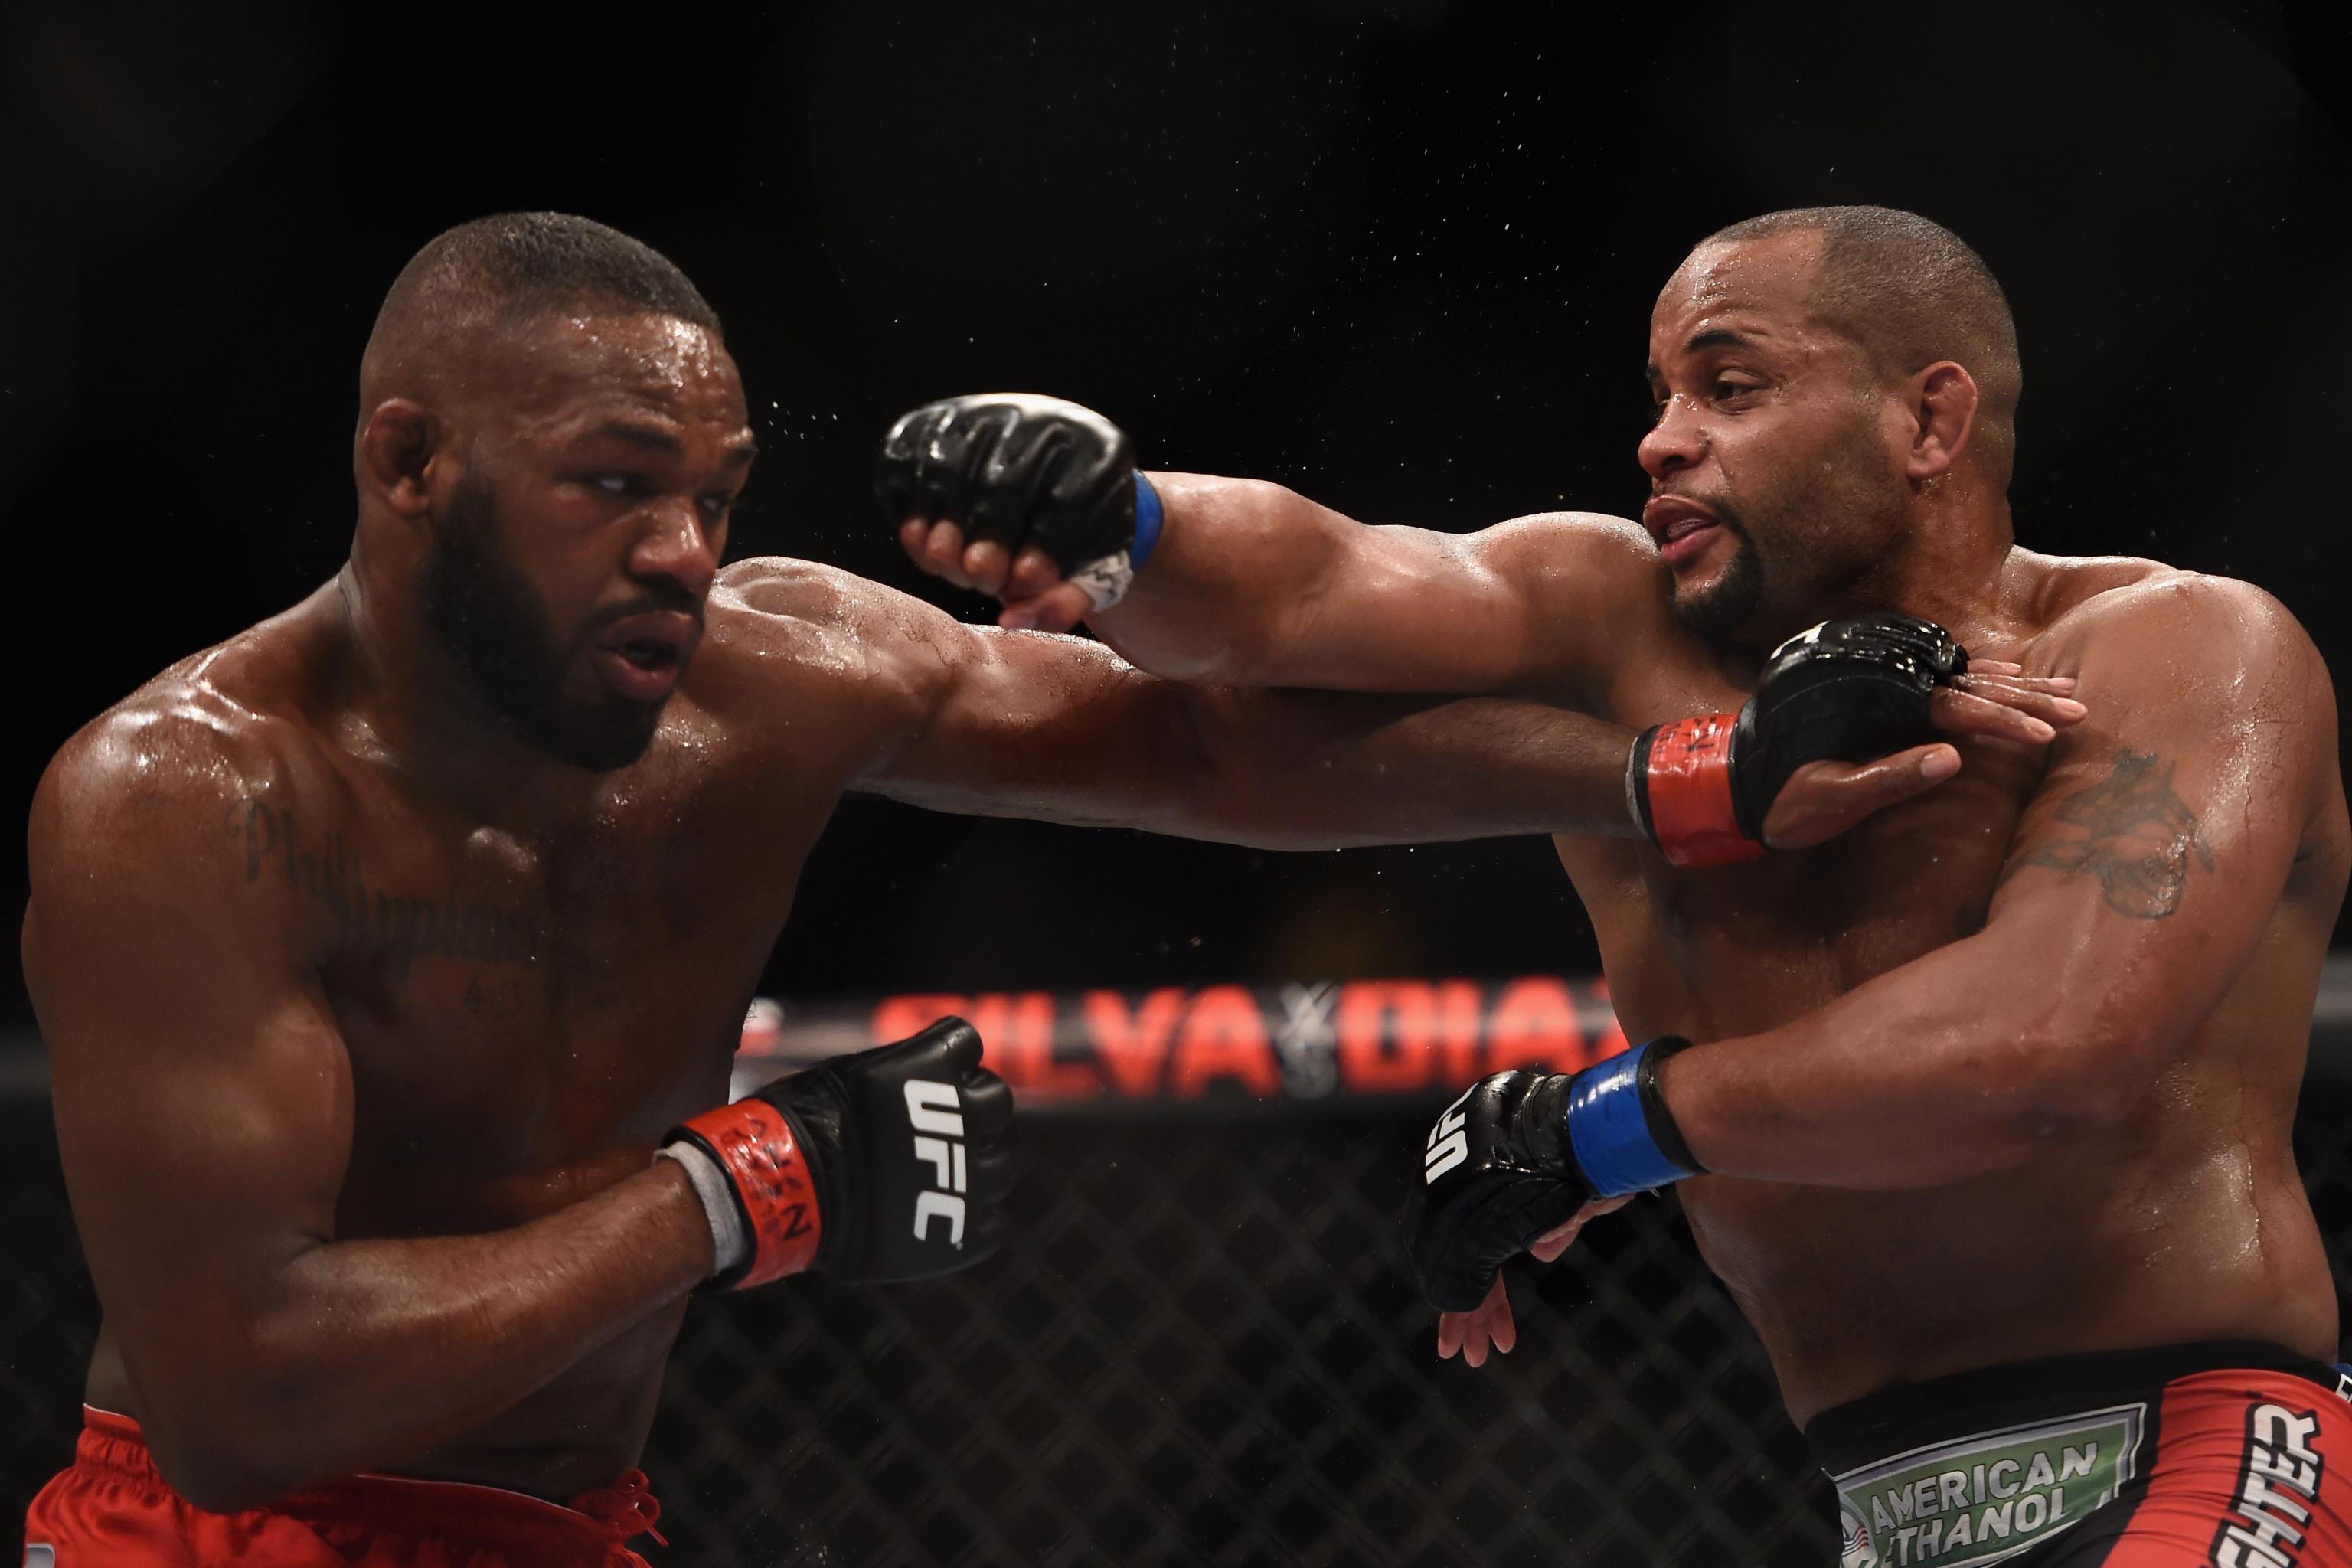 UFC News: Arch rival Daniel Cormier gives his thoughts on Jon Jones' latest arrest - Daniel Cormier